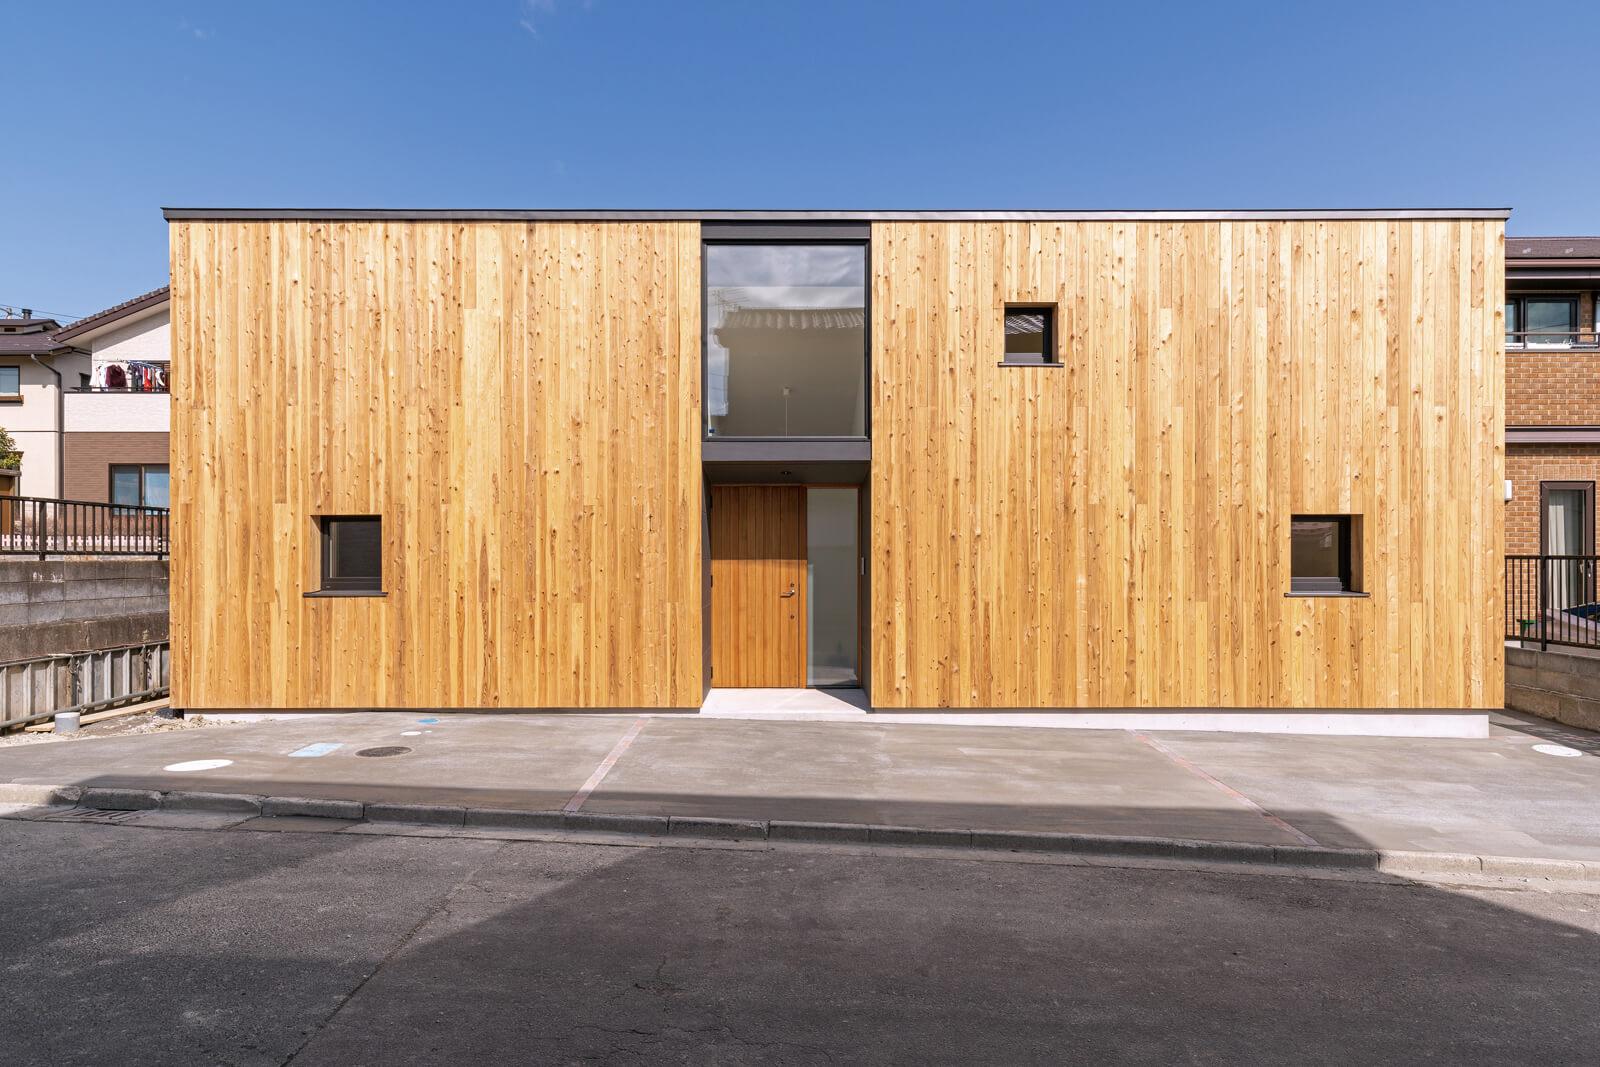 メンテナンスが容易な木板張りは、新陳代謝によって恒久的な風景となる